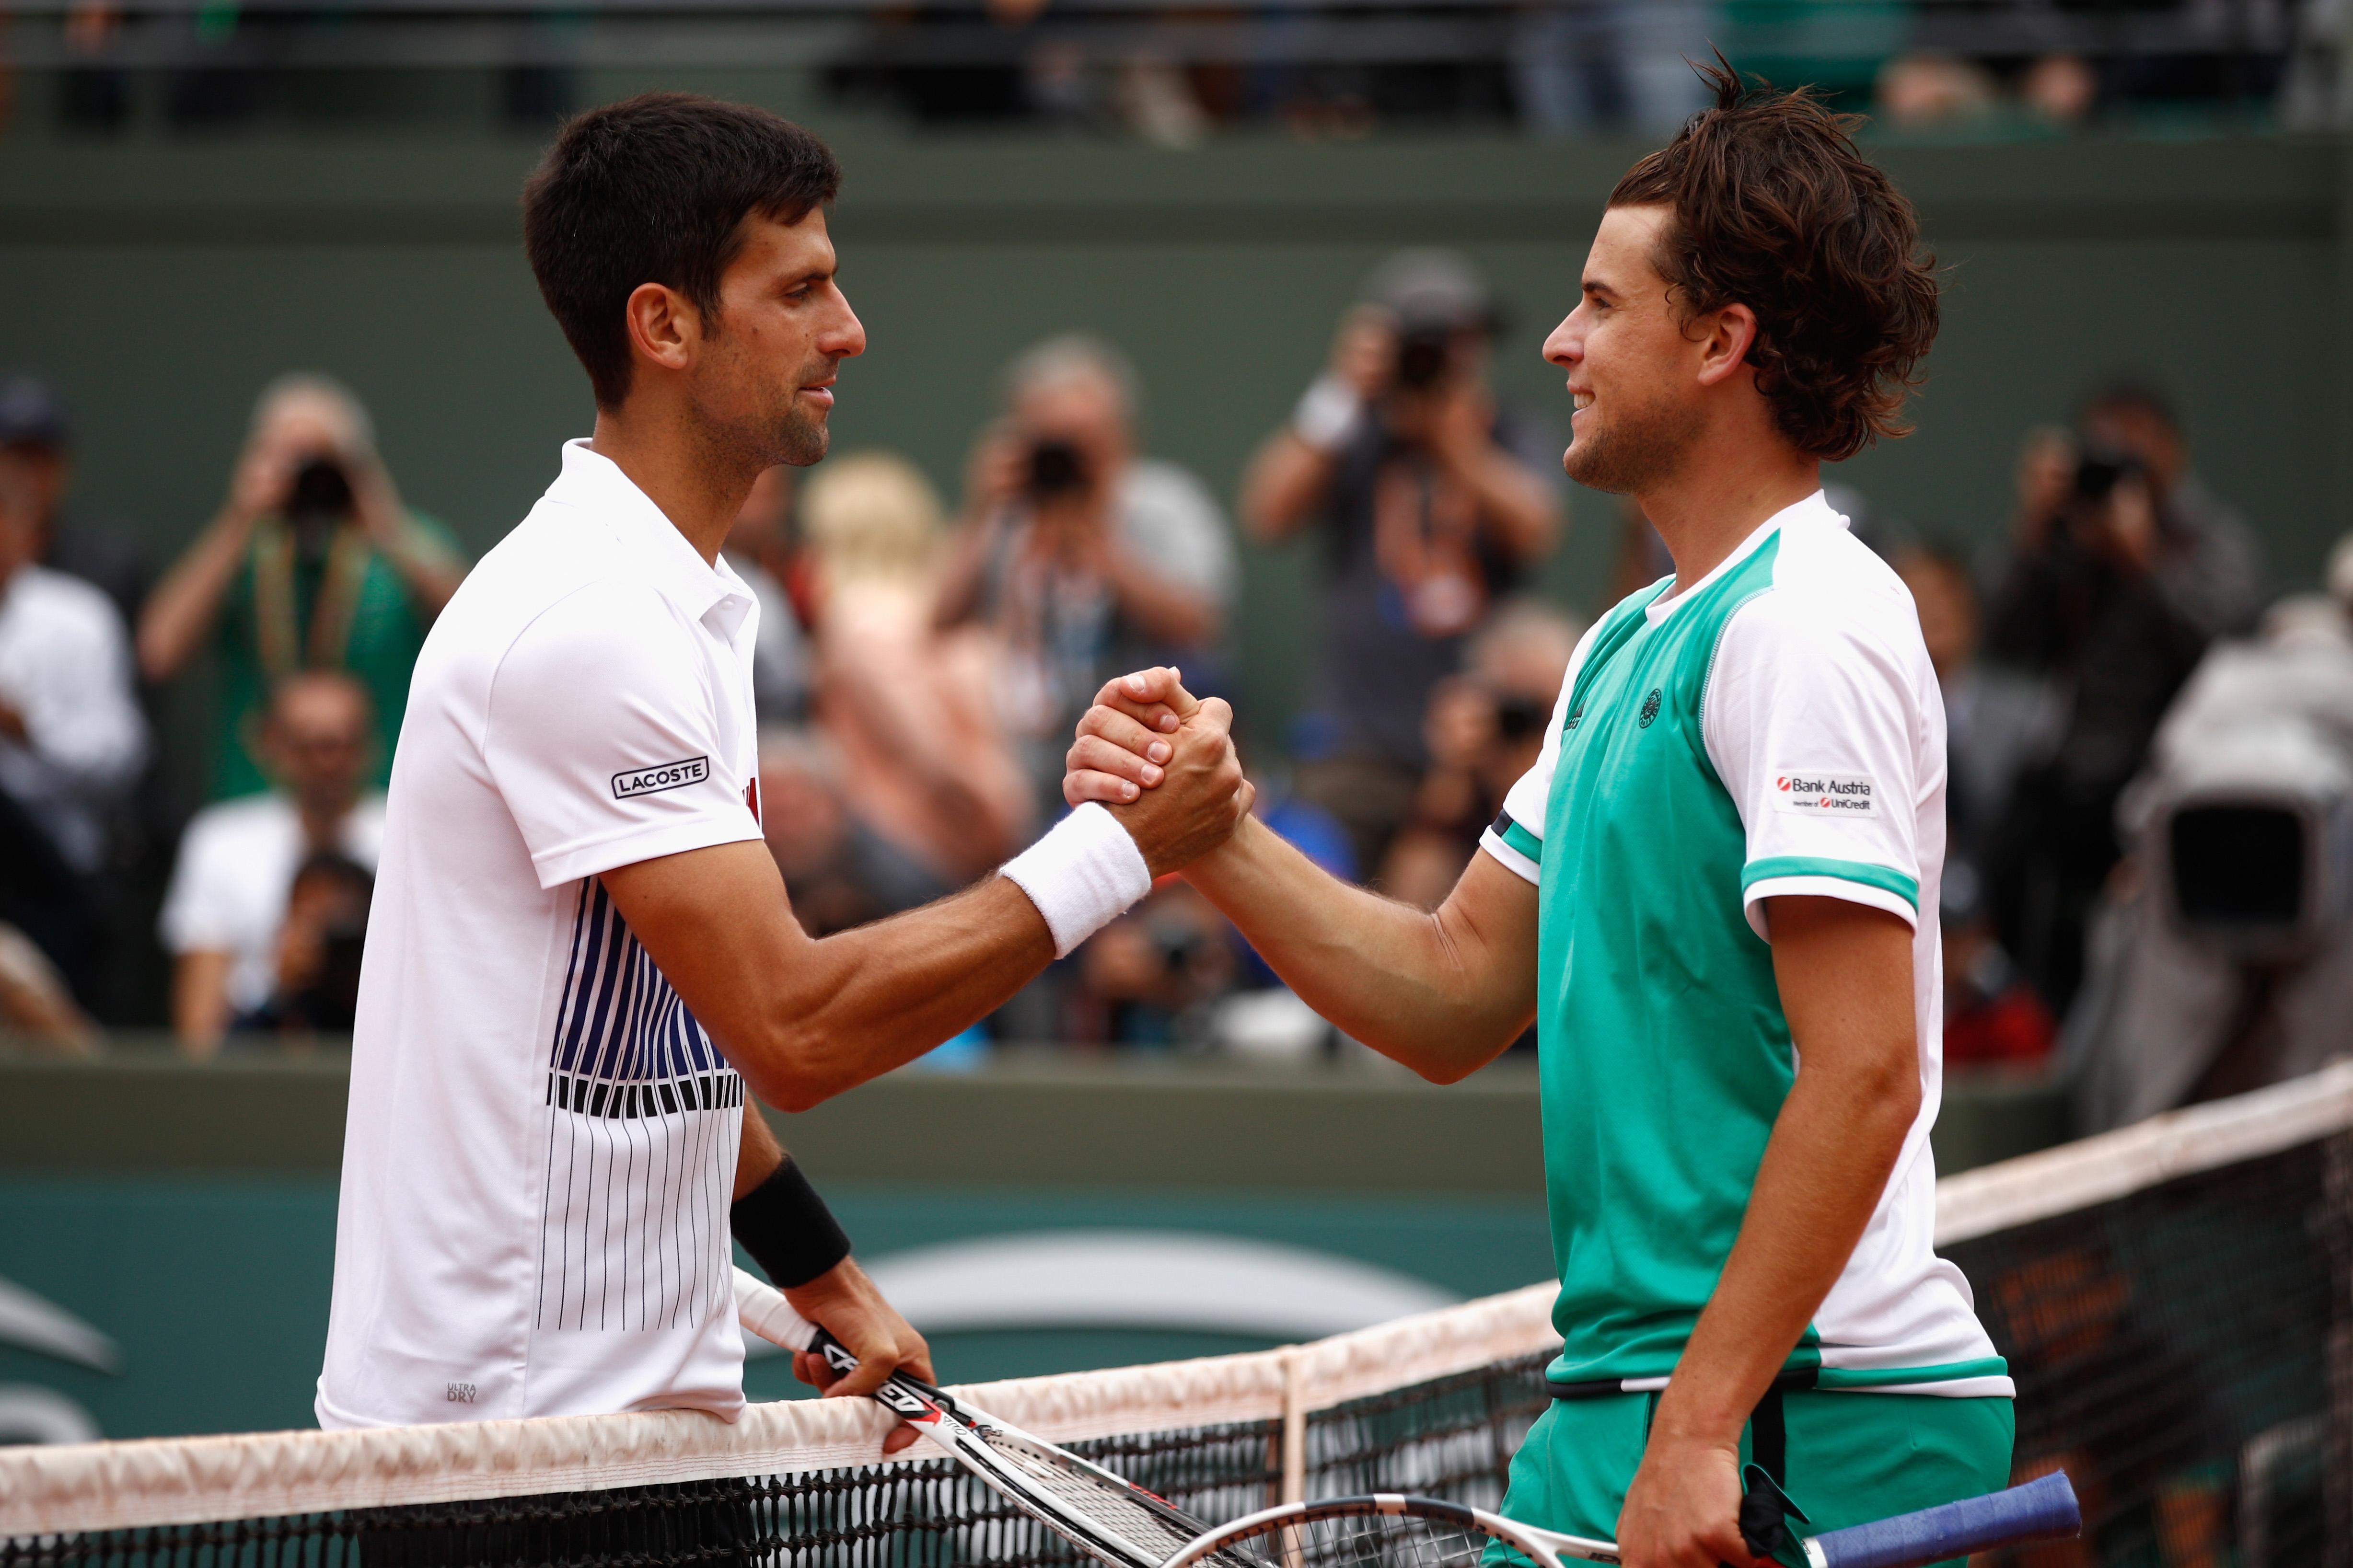 Premiere: Zum ersten Mal in seiner Karriere konnte Dominic Thiem gegen Rafael Nadal gewinnen.